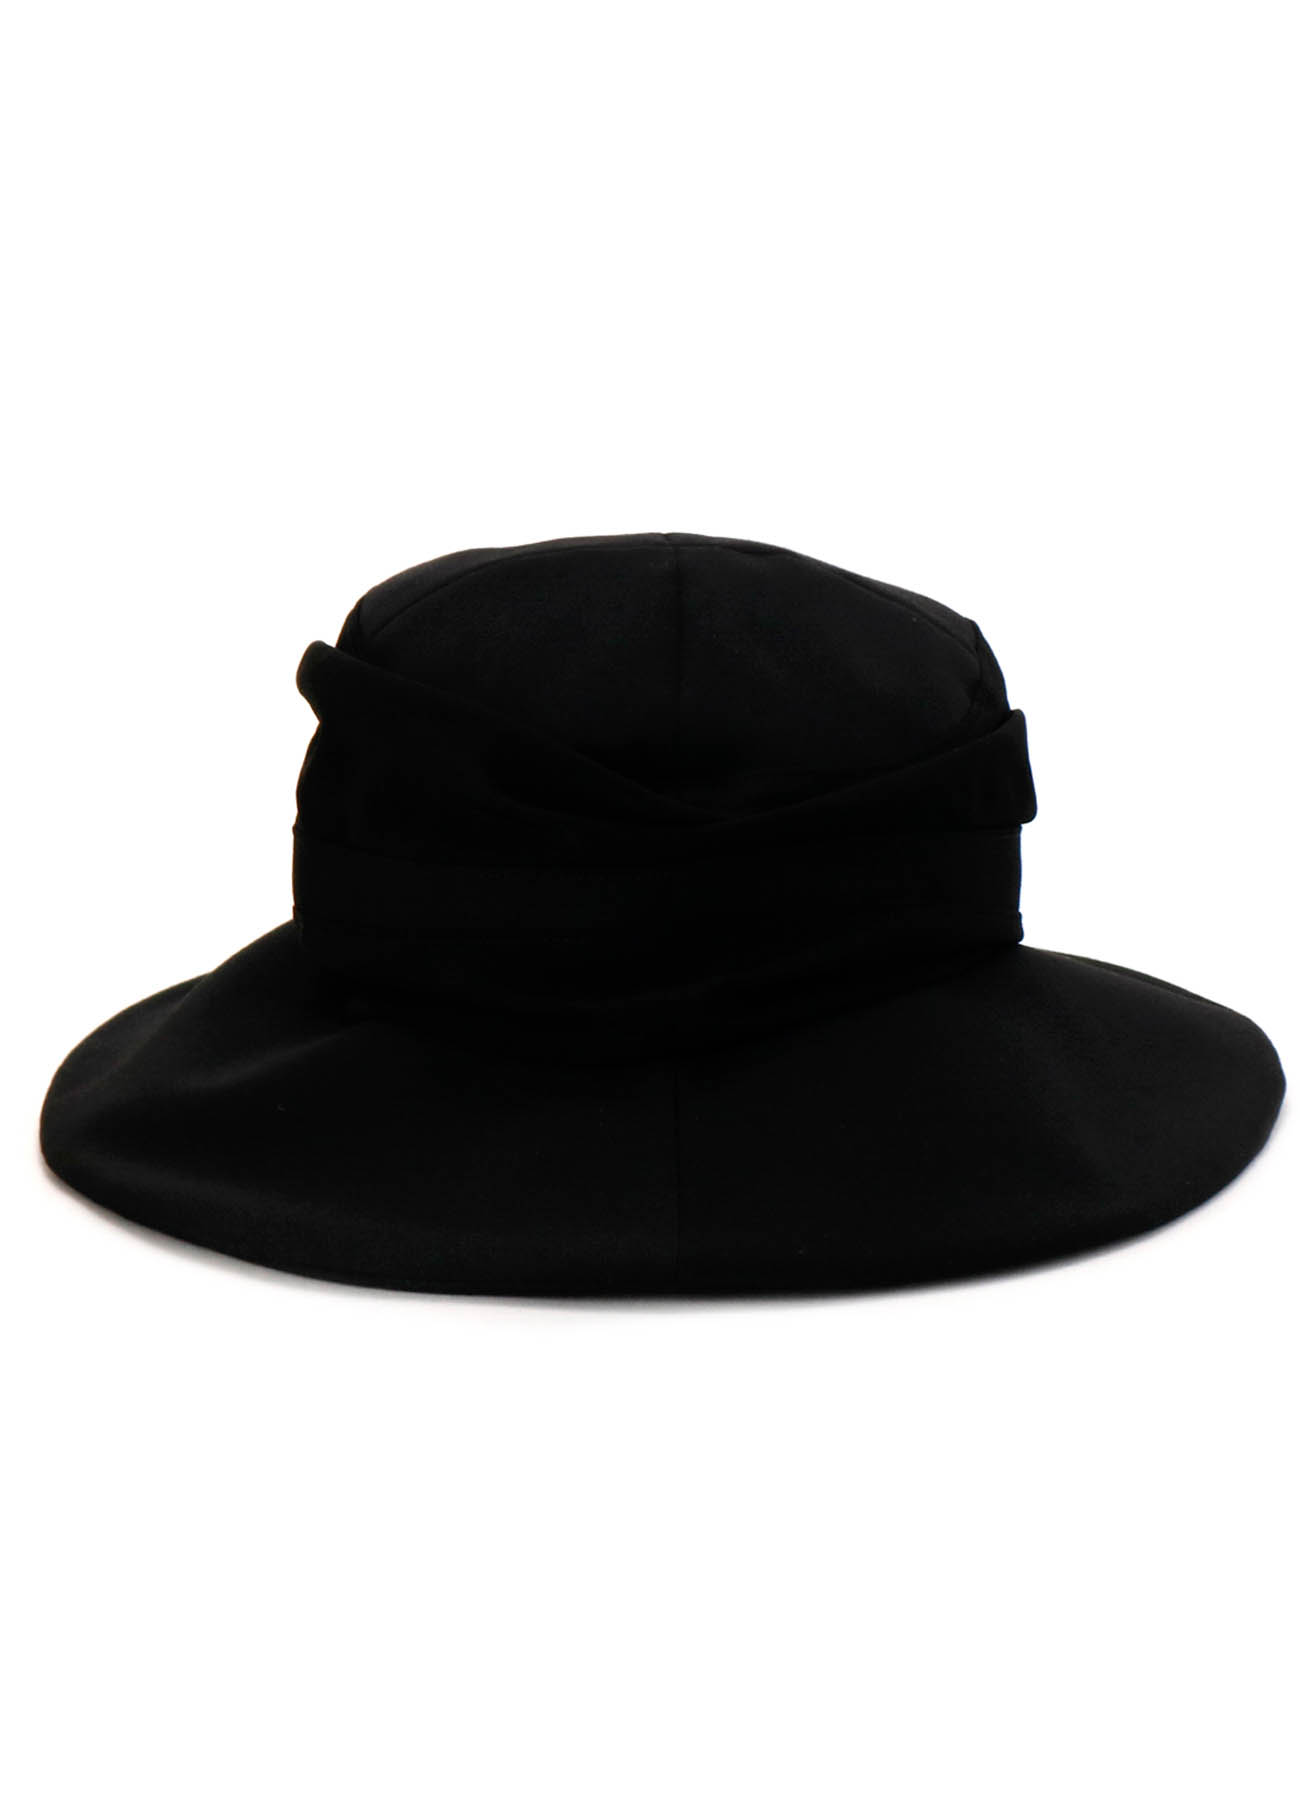 GABARDINE CONBI TORN PANEL HAT